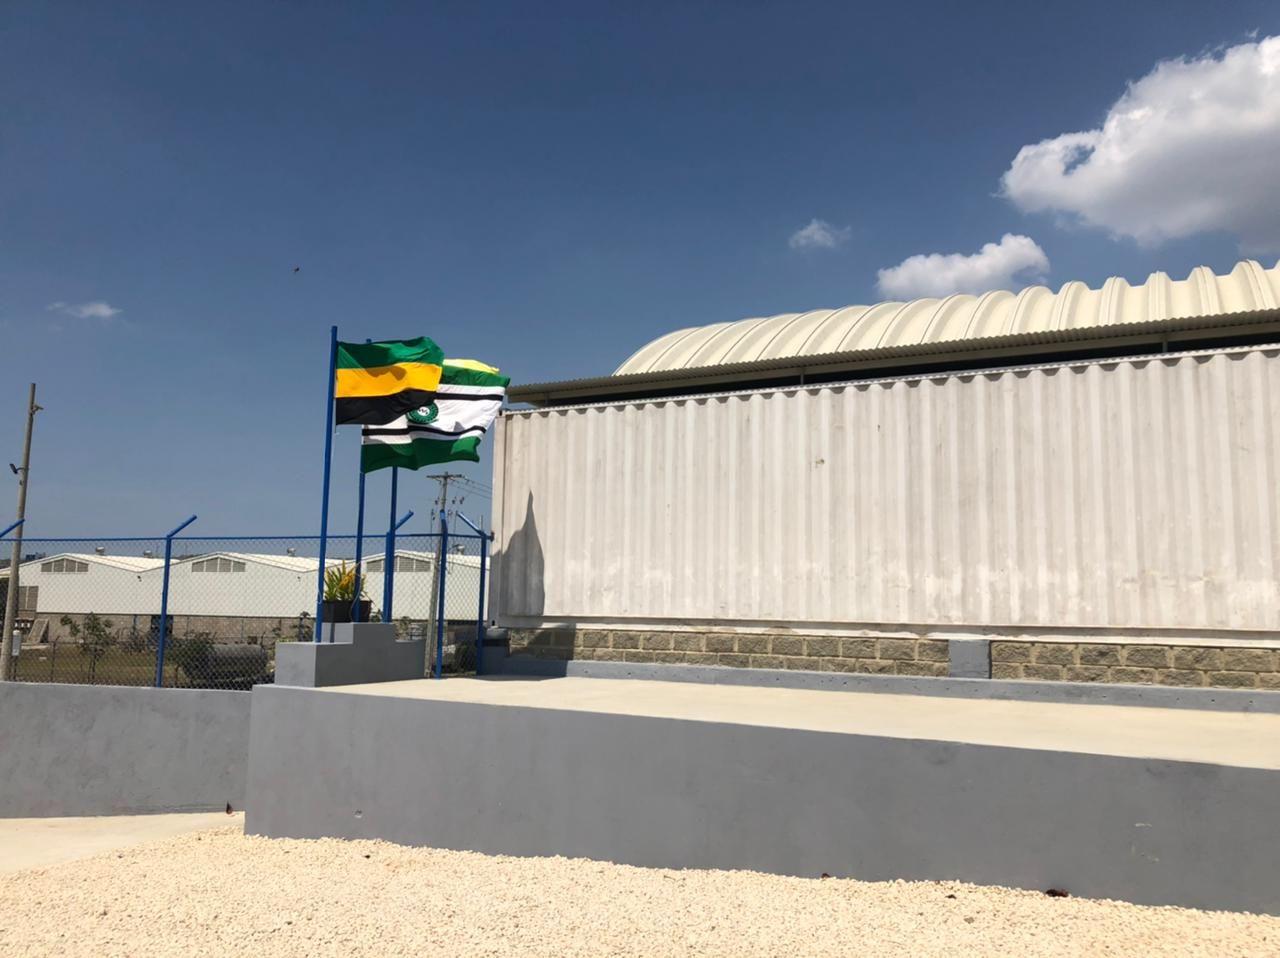 Cootransvalle Samacá celebró sus 54 años inaugurando centro de almacenamiento en Cartagena 2